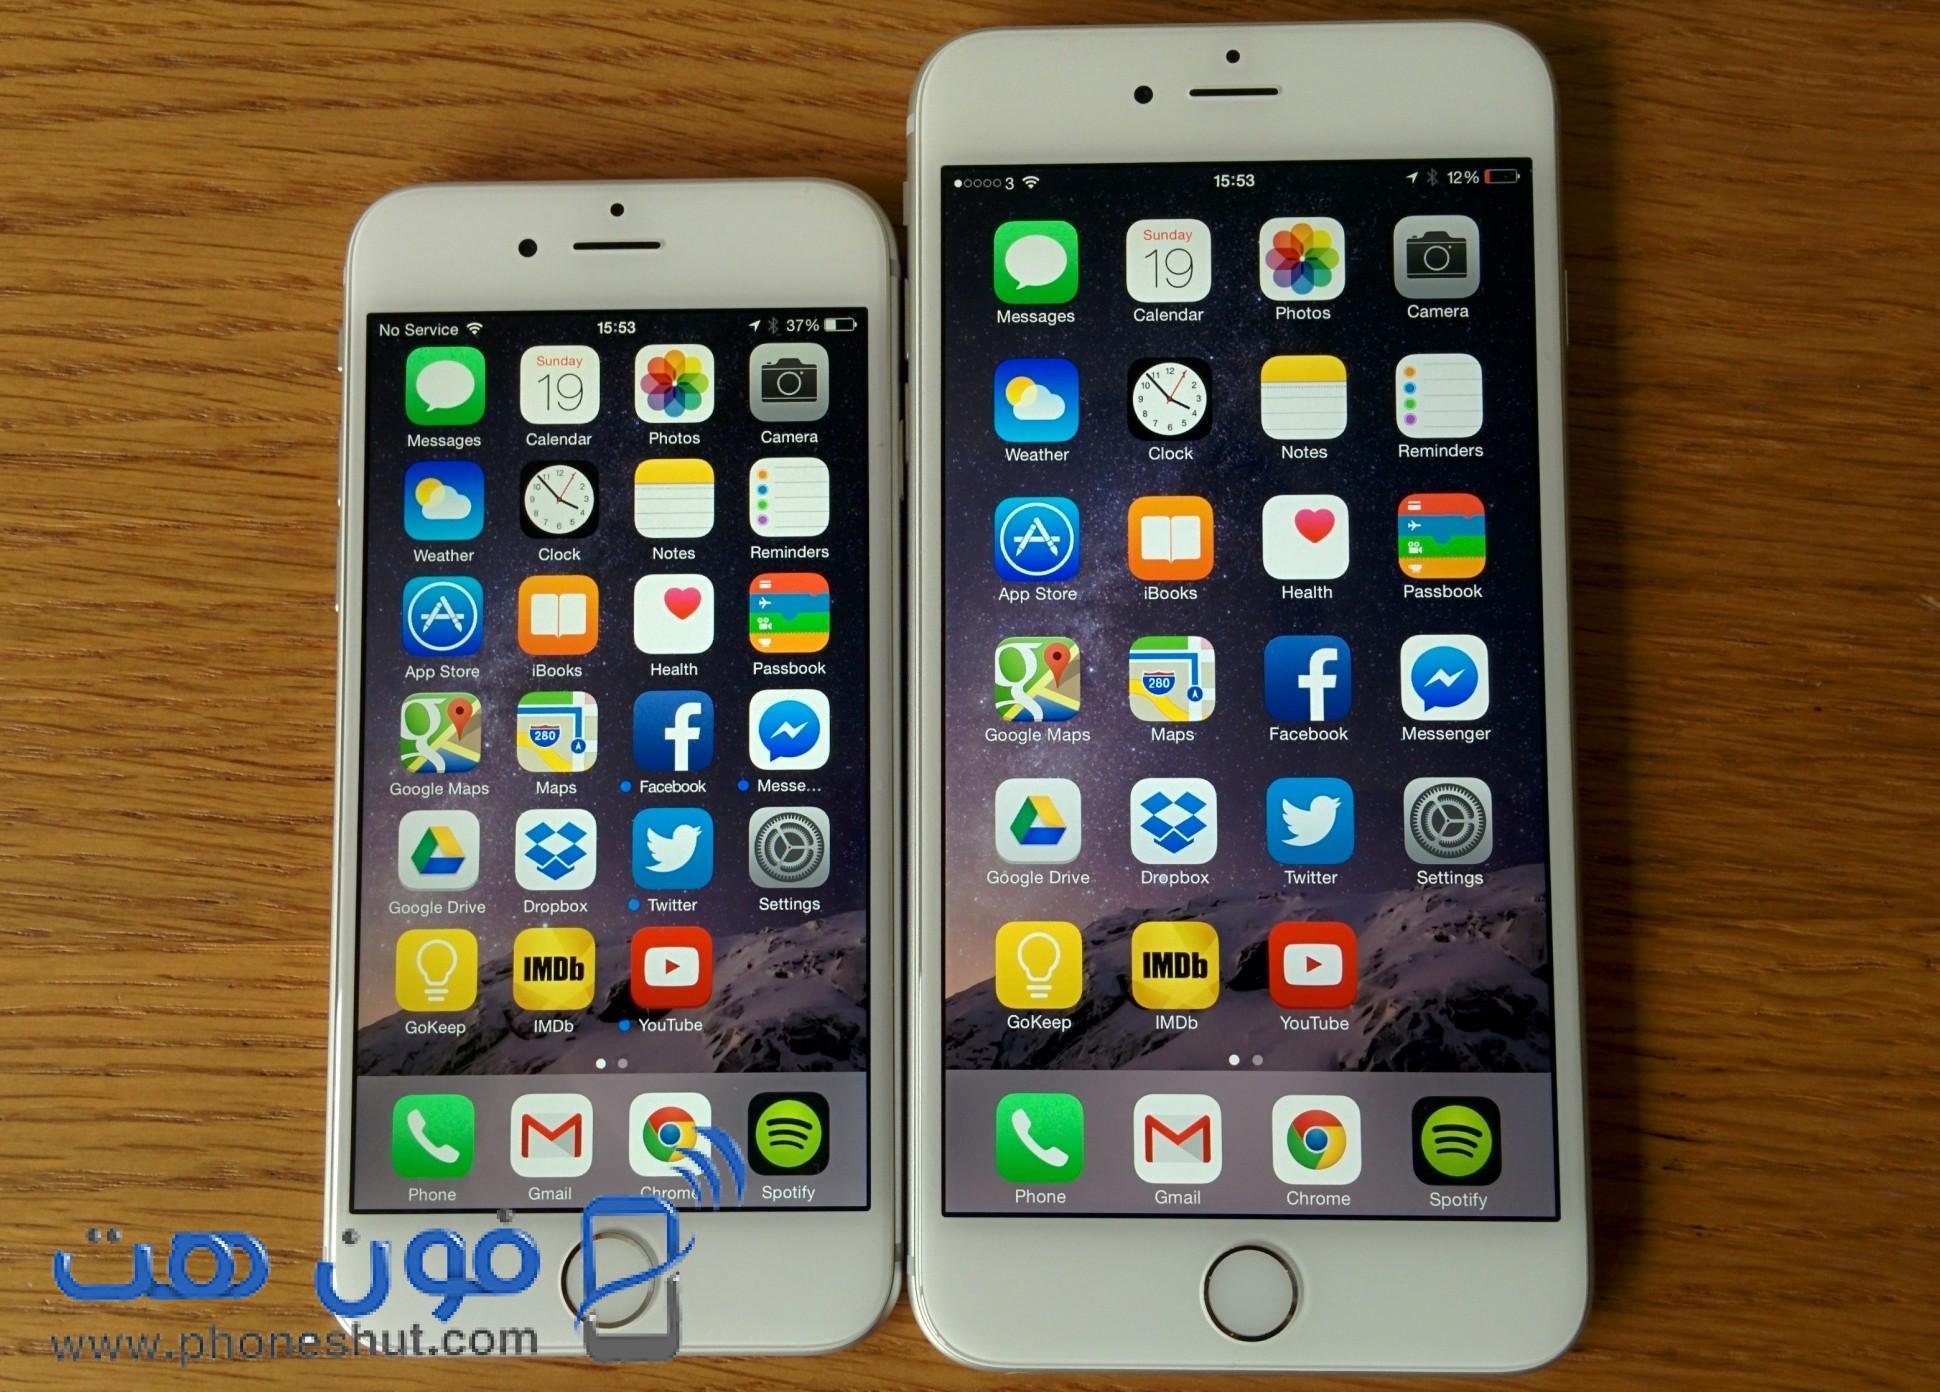 Iphone 4 vs 6